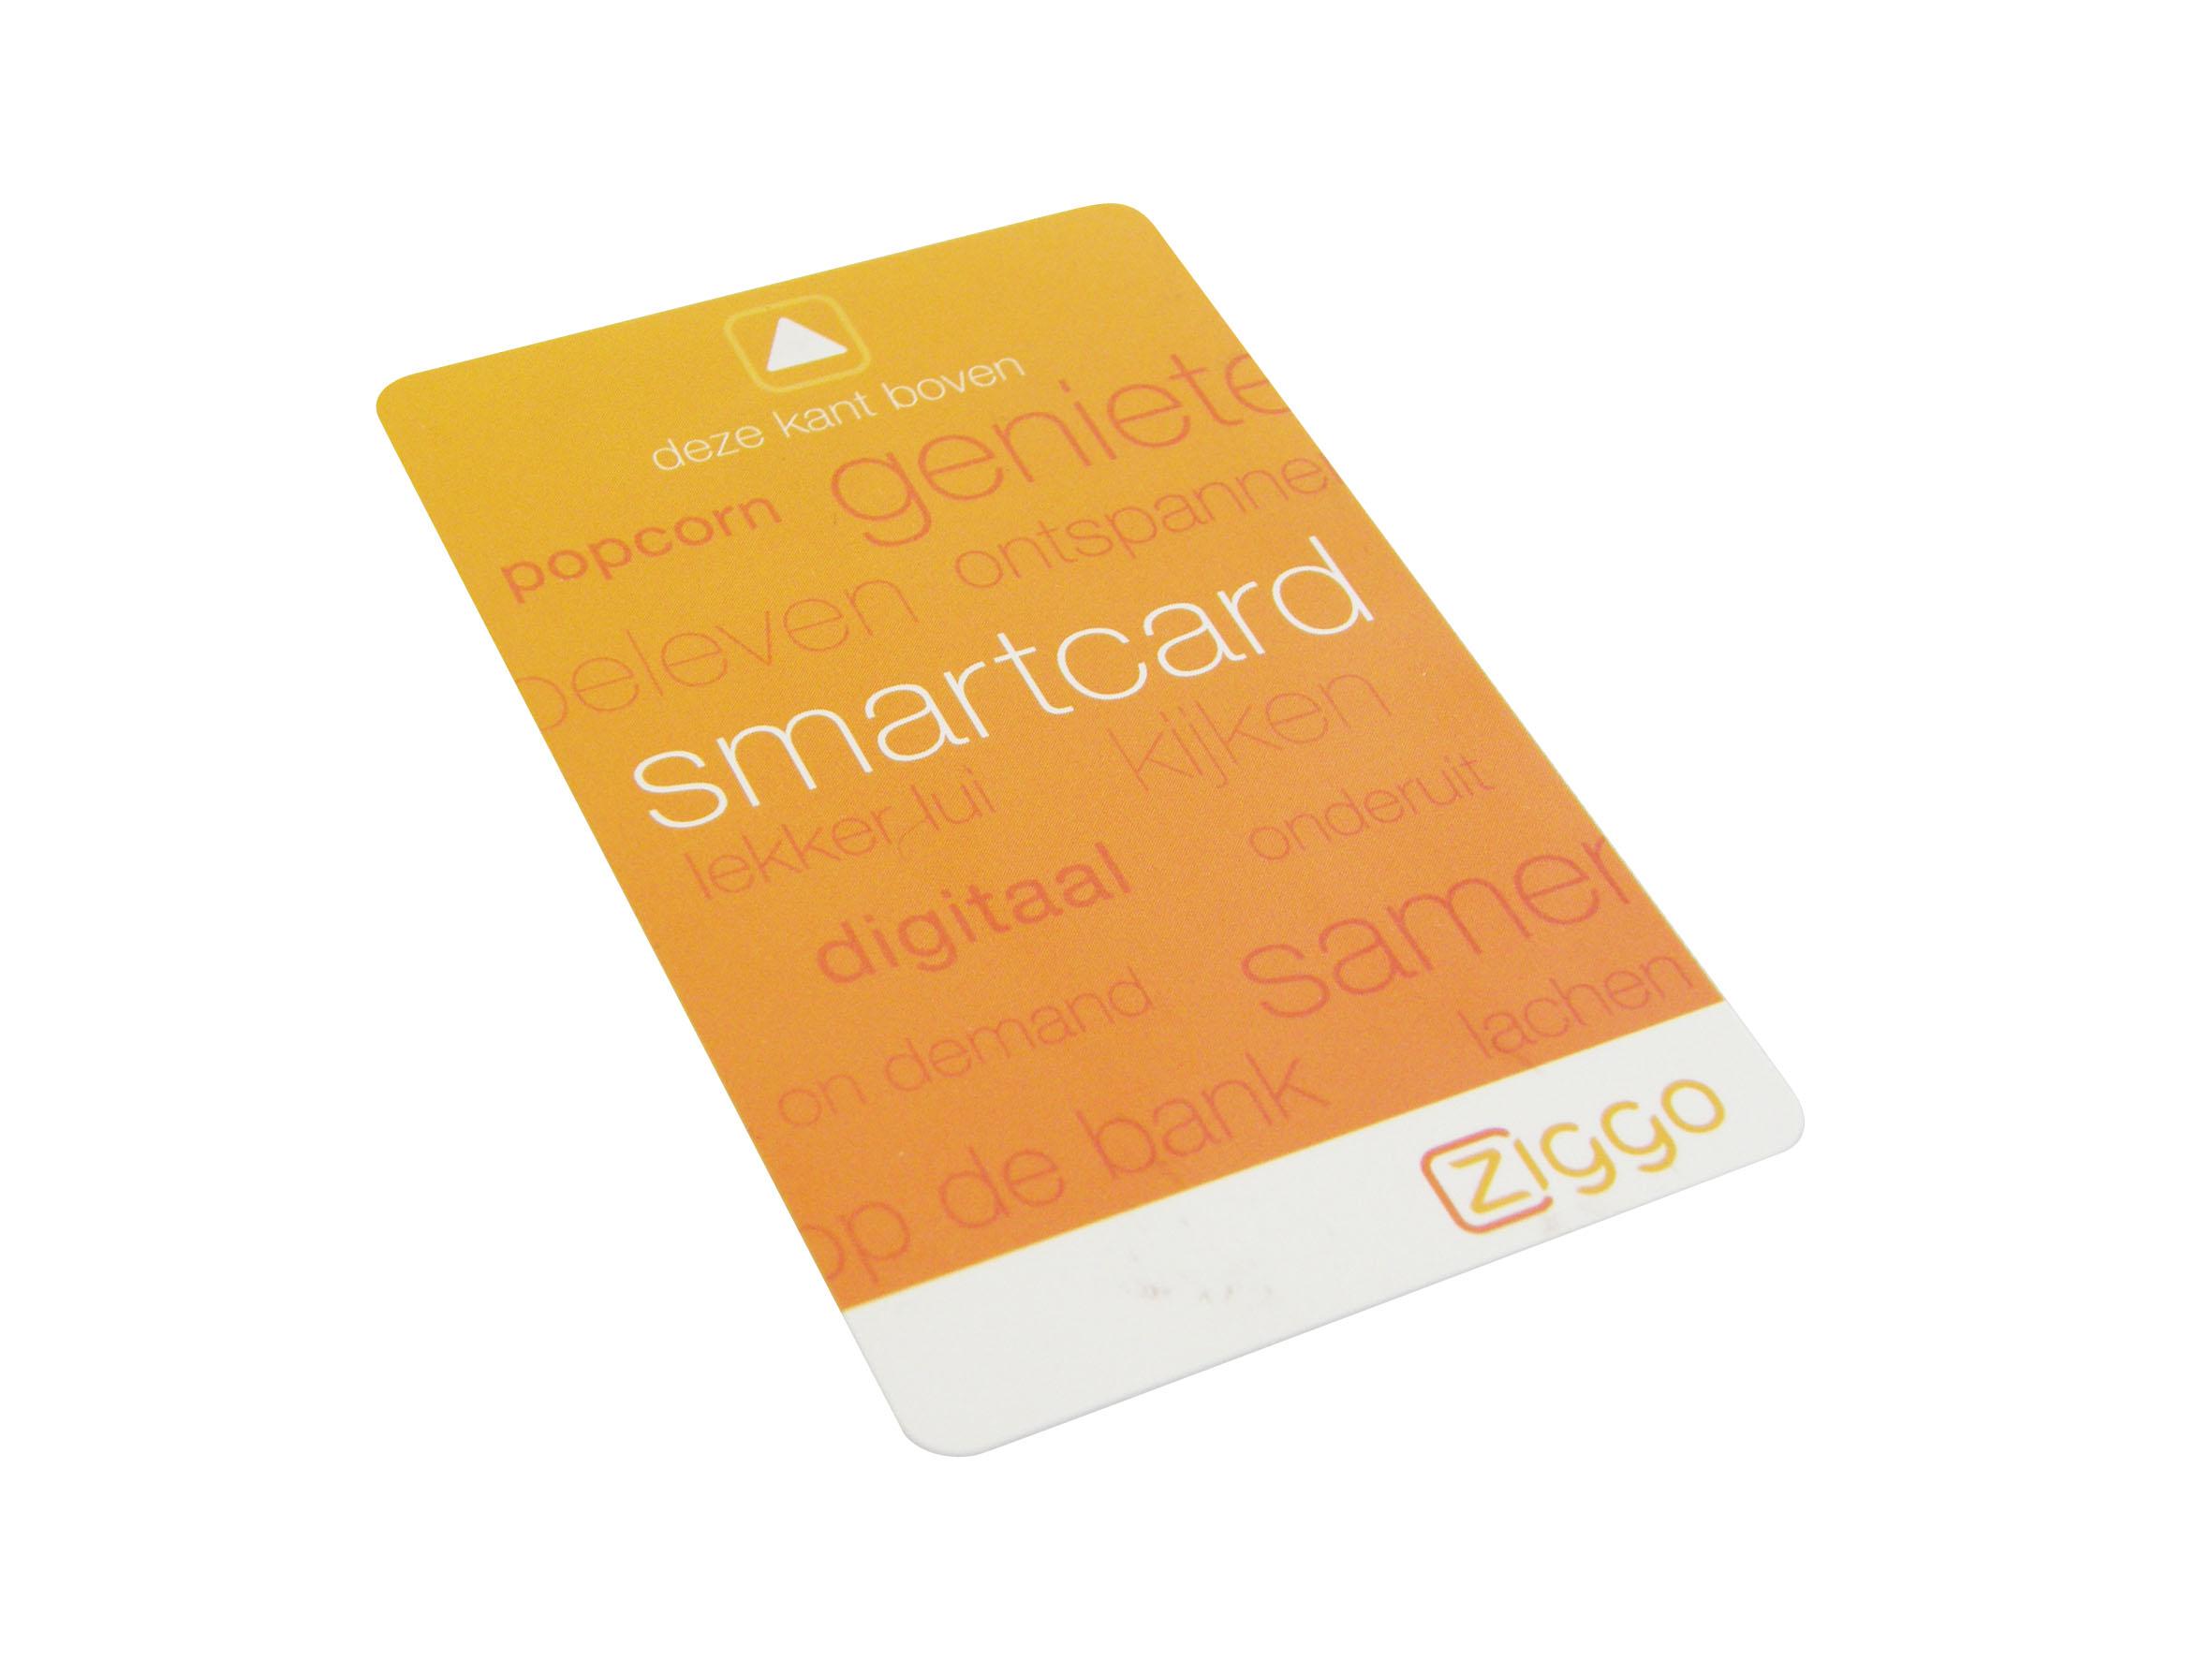 Ziggo CI+ Smartcard